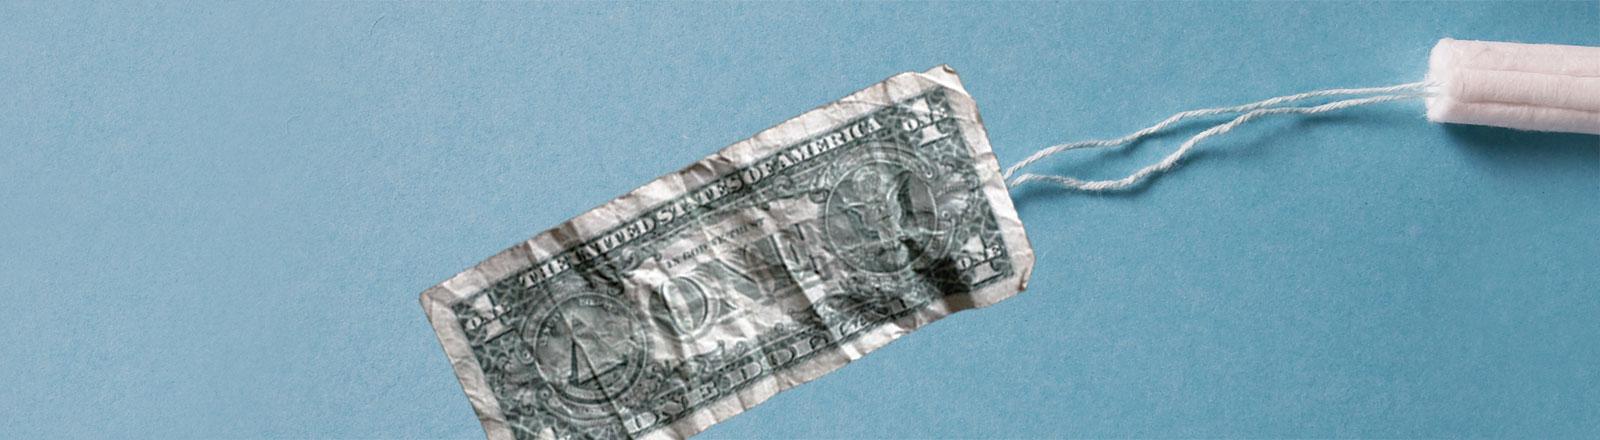 Tampon und Dollarnote